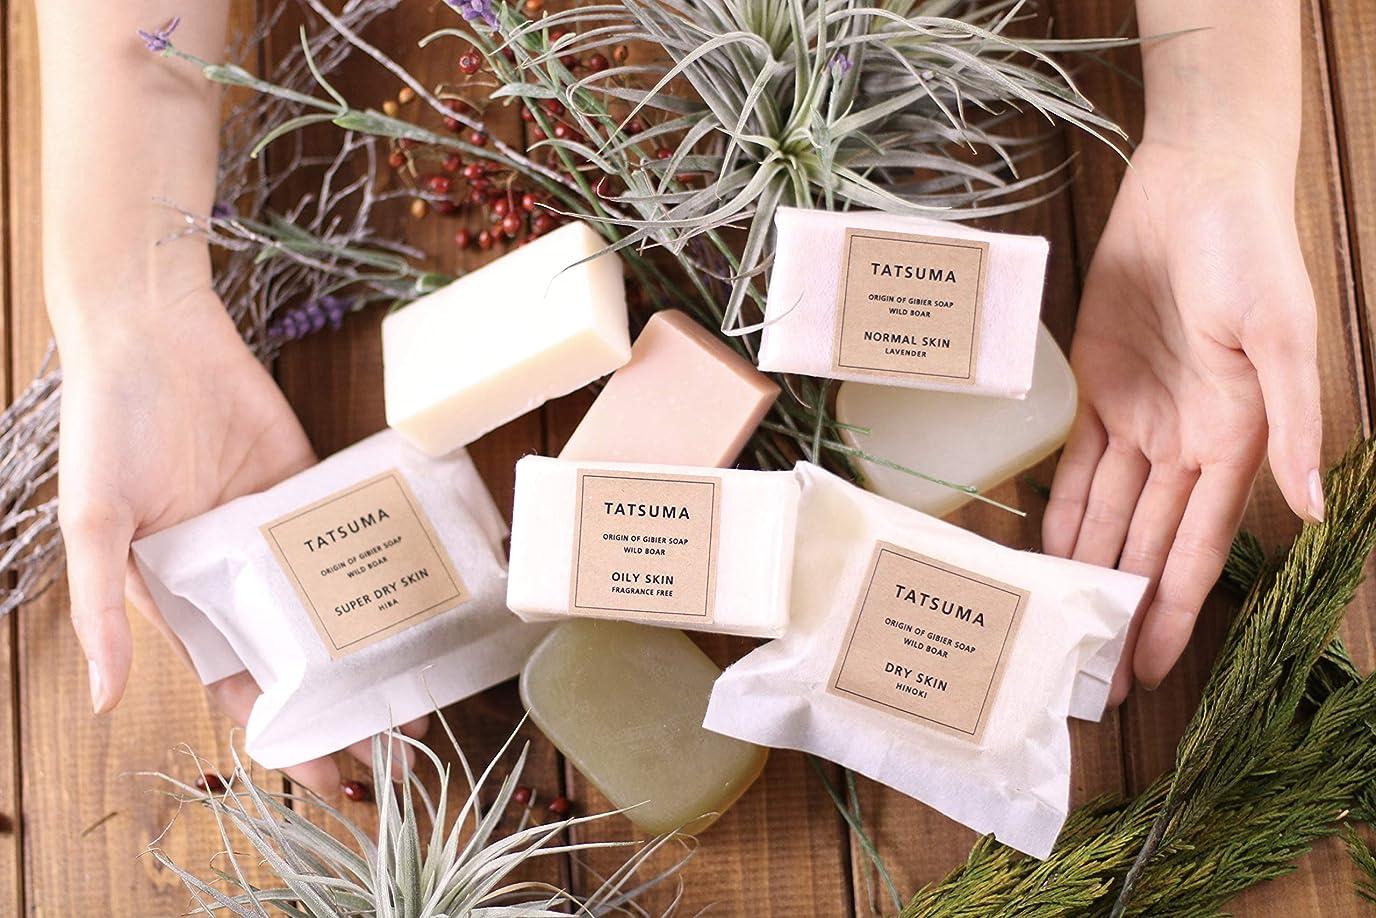 スリッパ熟達干し草TATSUMA SOAP 動物性オイルの無添加石鹸 NORMAL SKIN 普通肌さん ラベンダーの香(80g)